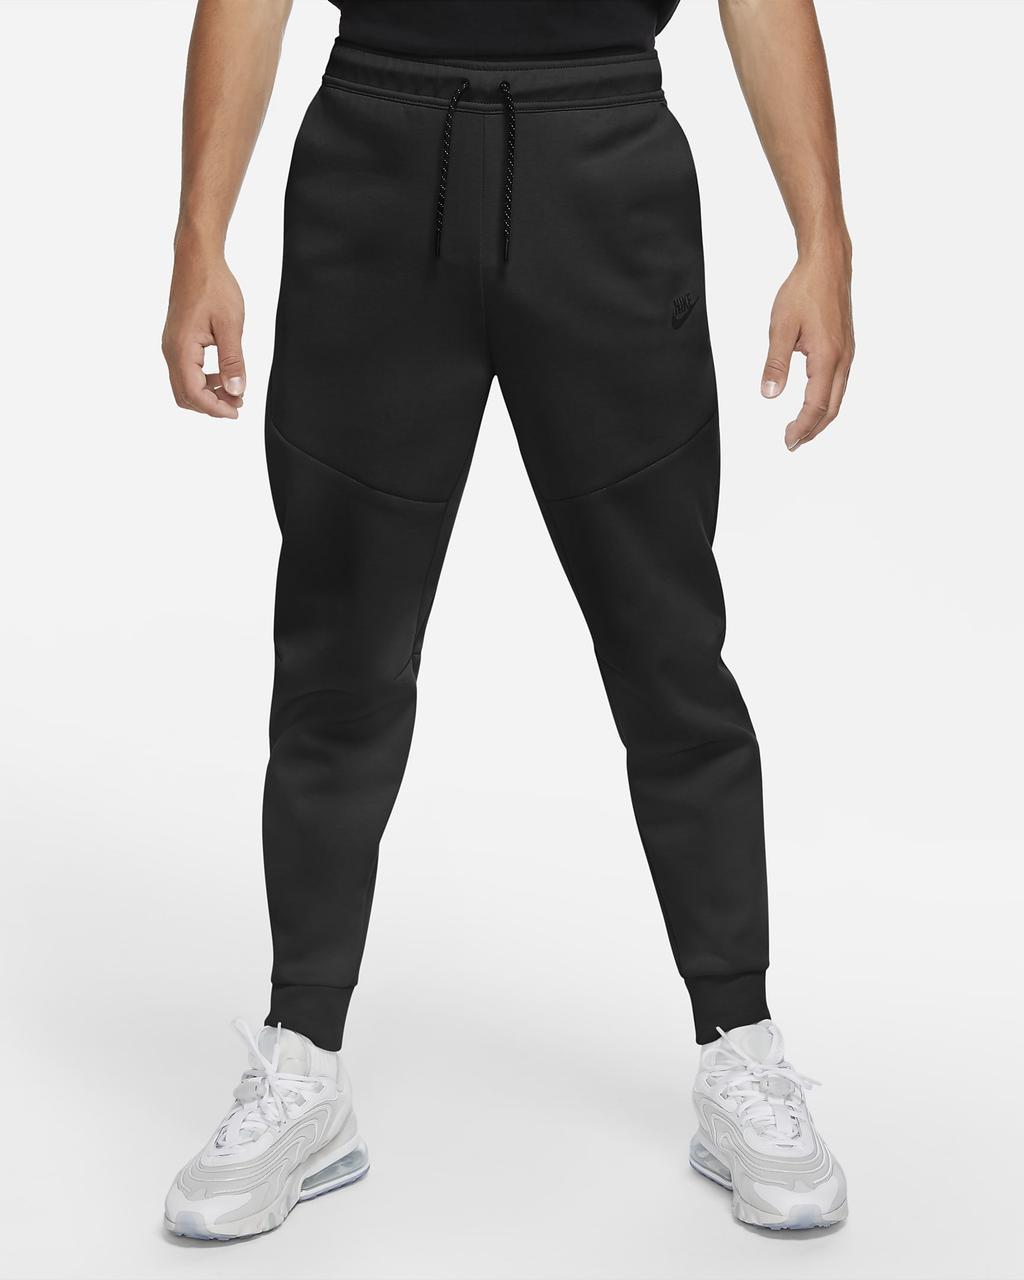 Штаны спортивные мужские Nike флисовые черные M NSW TCH FLC JGGR